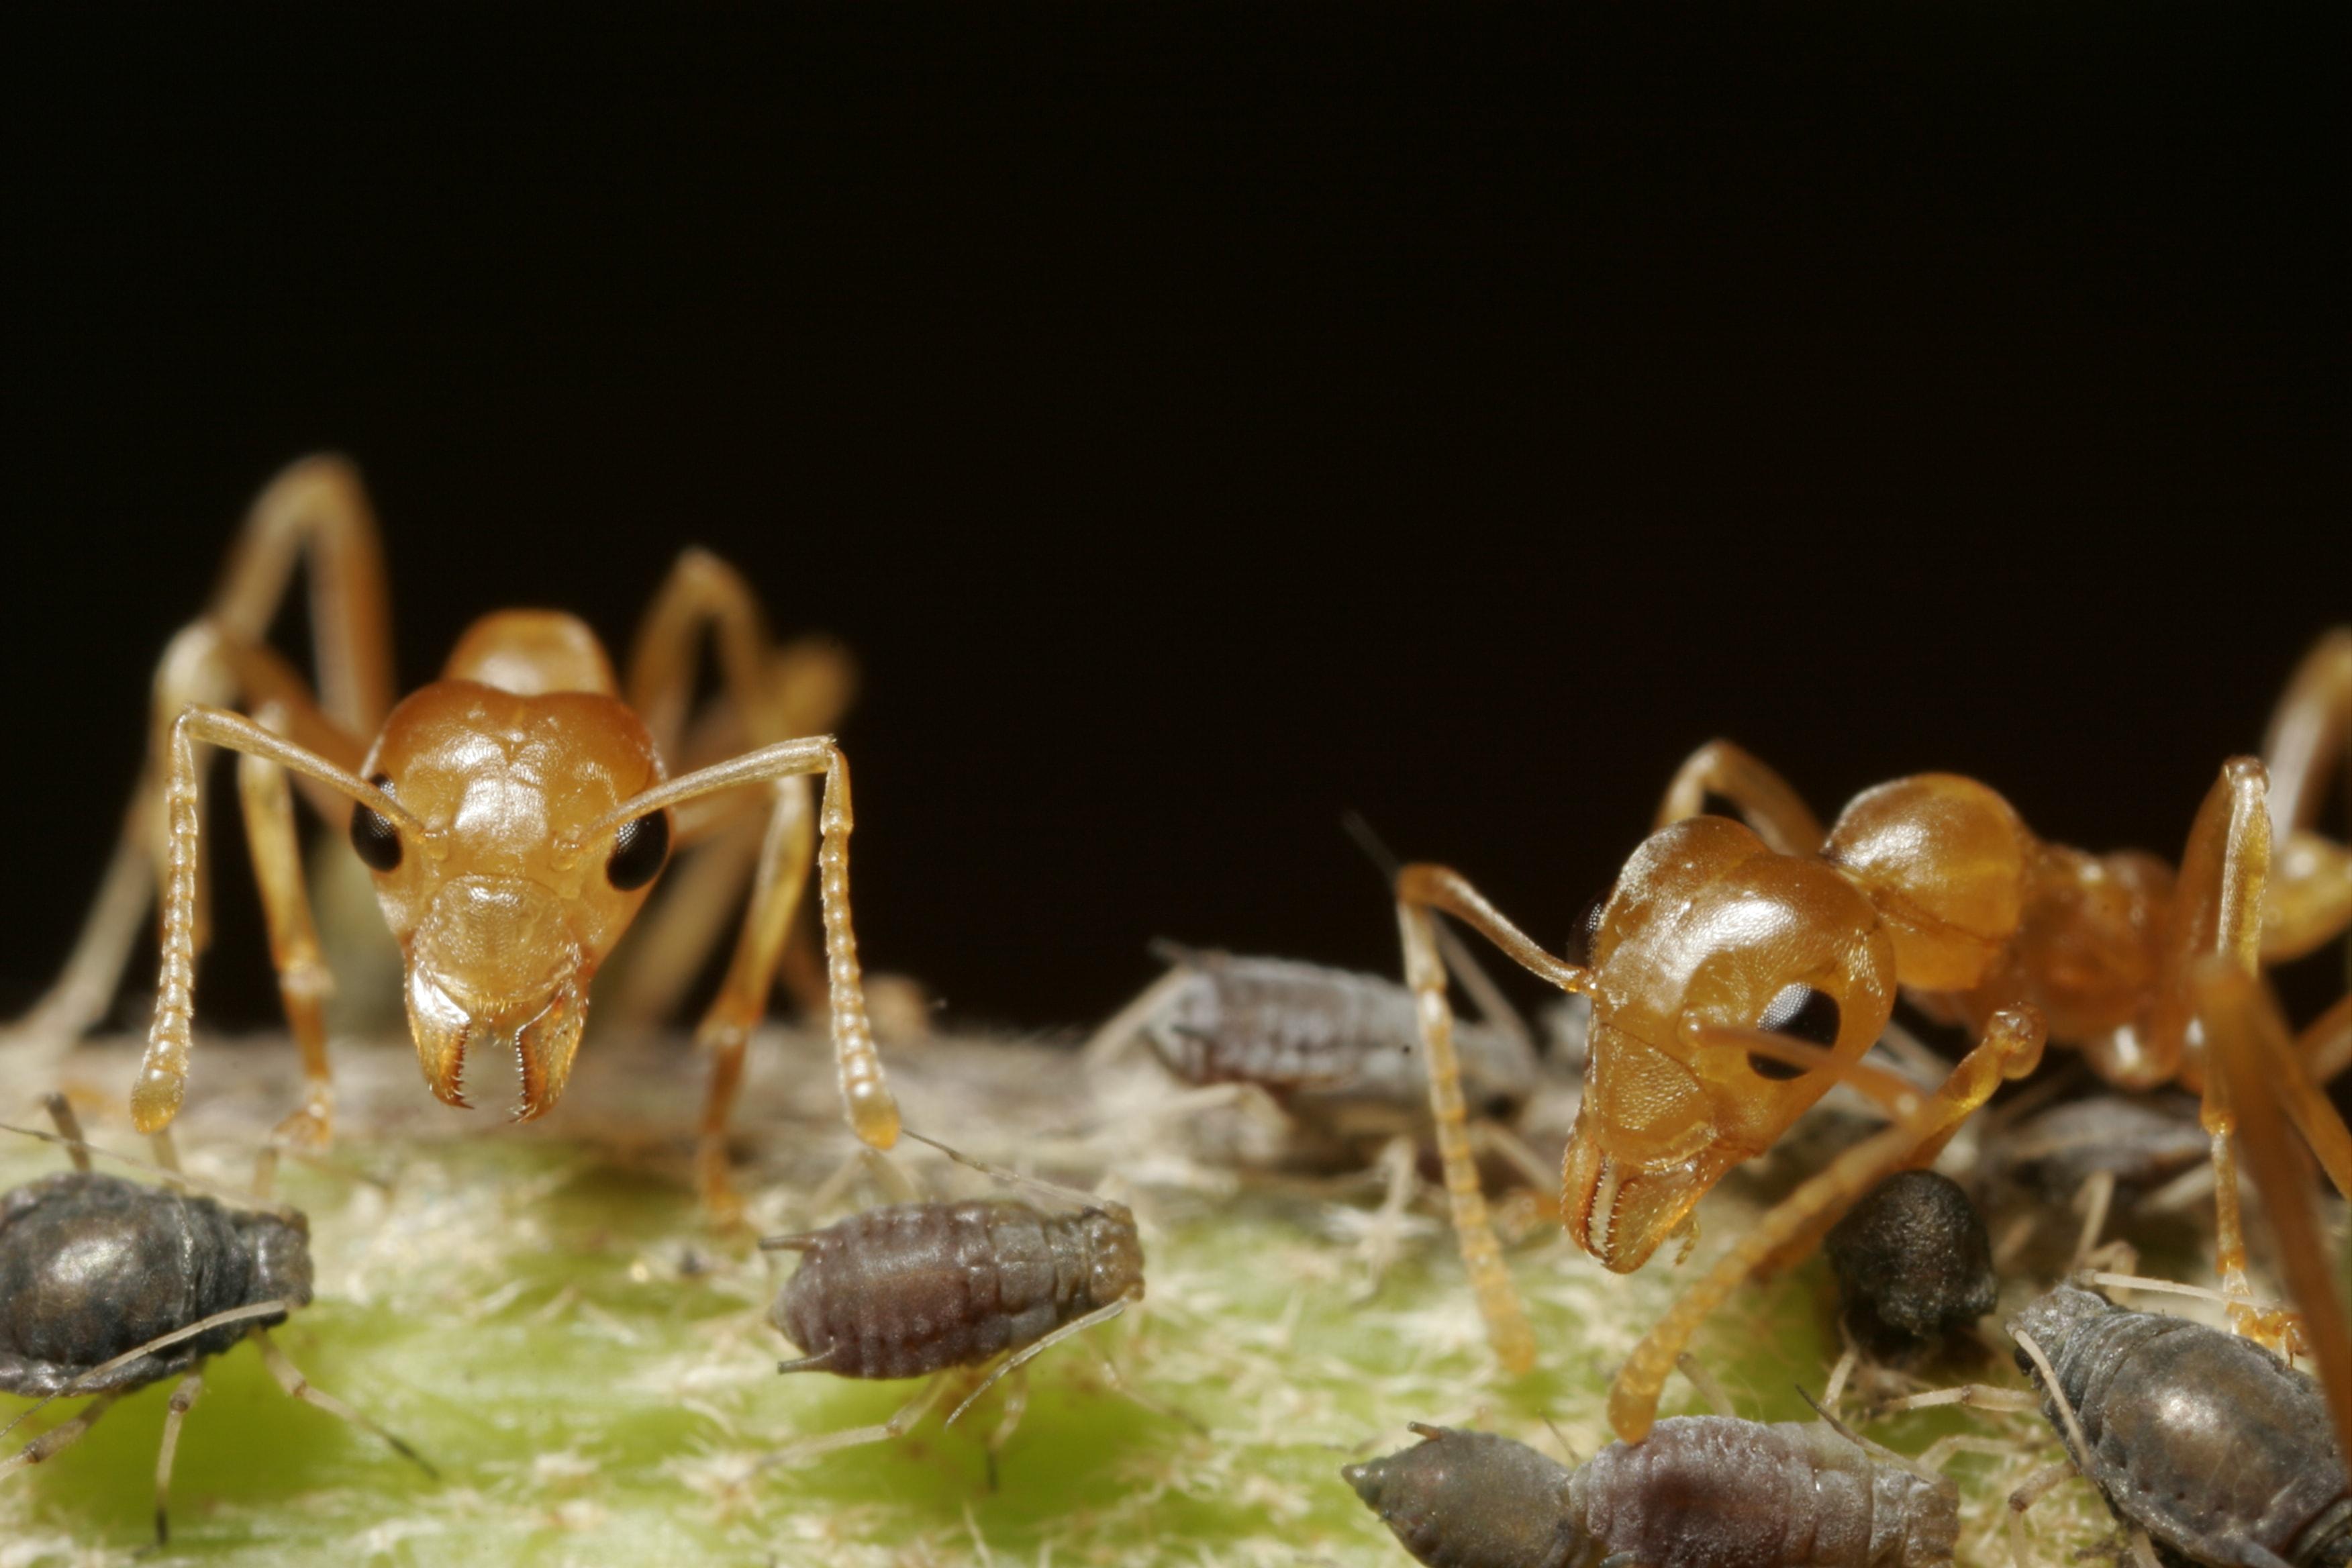 Vævermyrer spiser insekter når de vandrer rundt træer og buskes kroner og afsætter samtidig en række fækalier der er fulde af næringsstoffer som planten kan optage og bruge direkte. (Foto: Kim Aaen, NatureEyes)